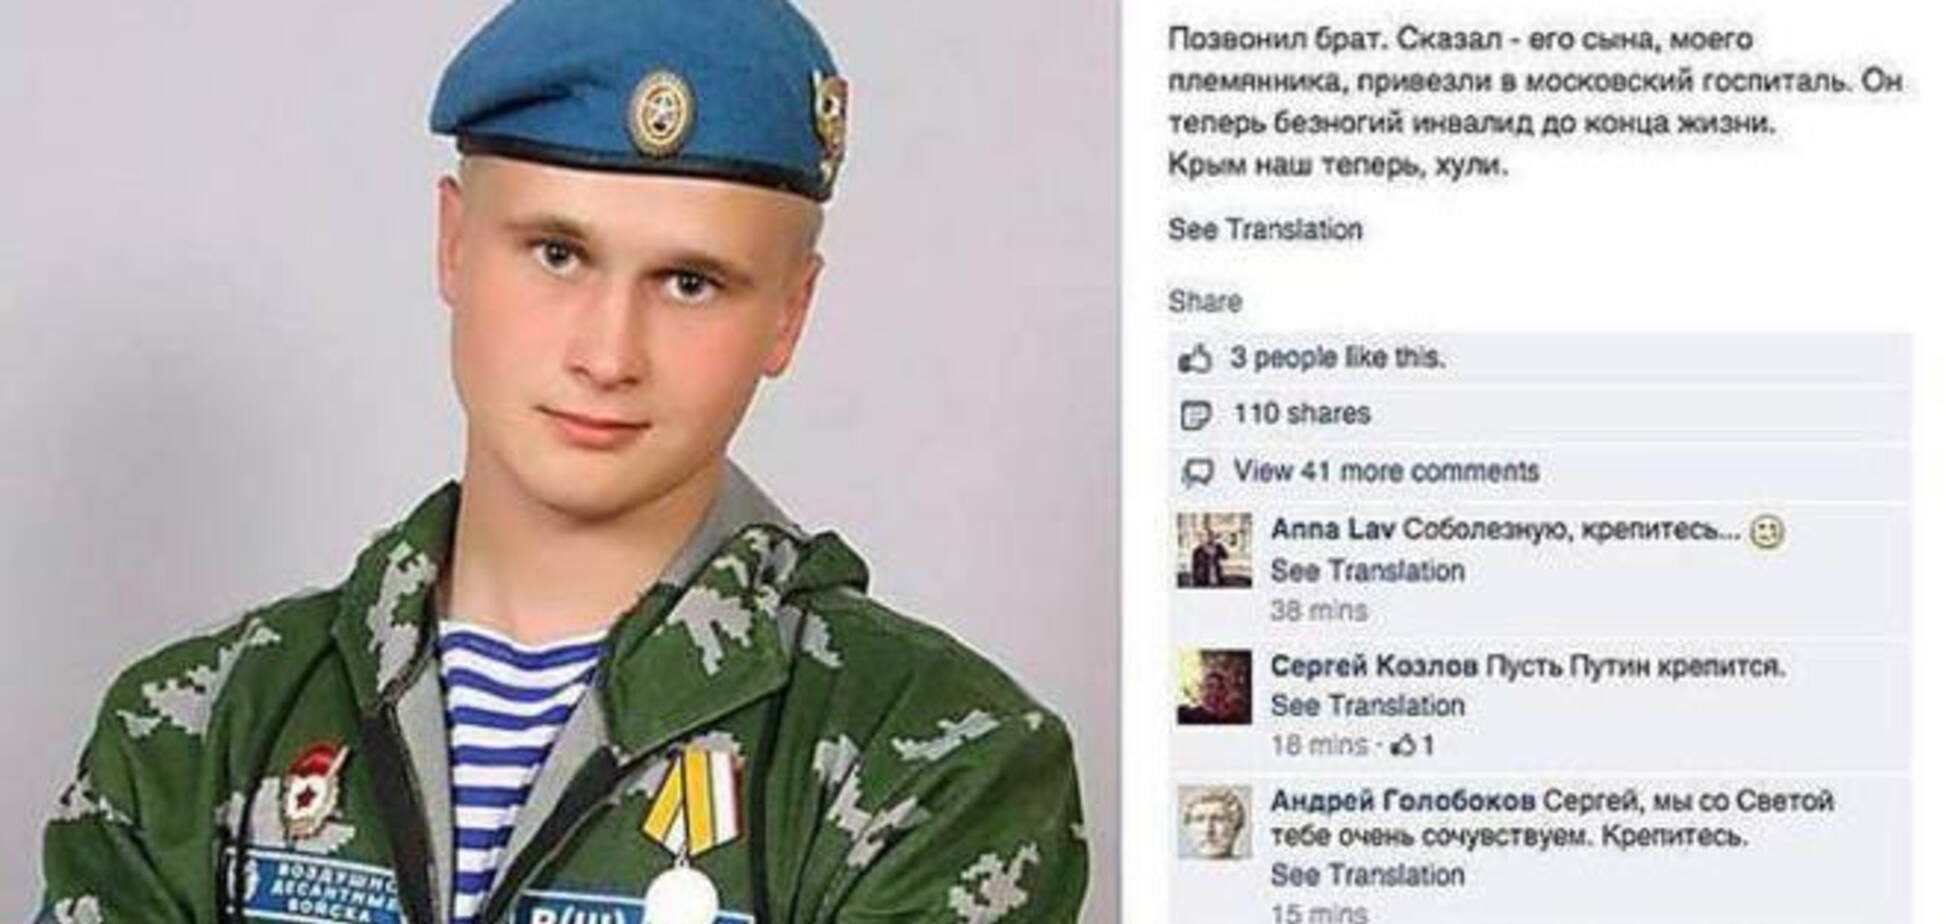 Николай Козлов. Источник: Facebook EuroMaydan